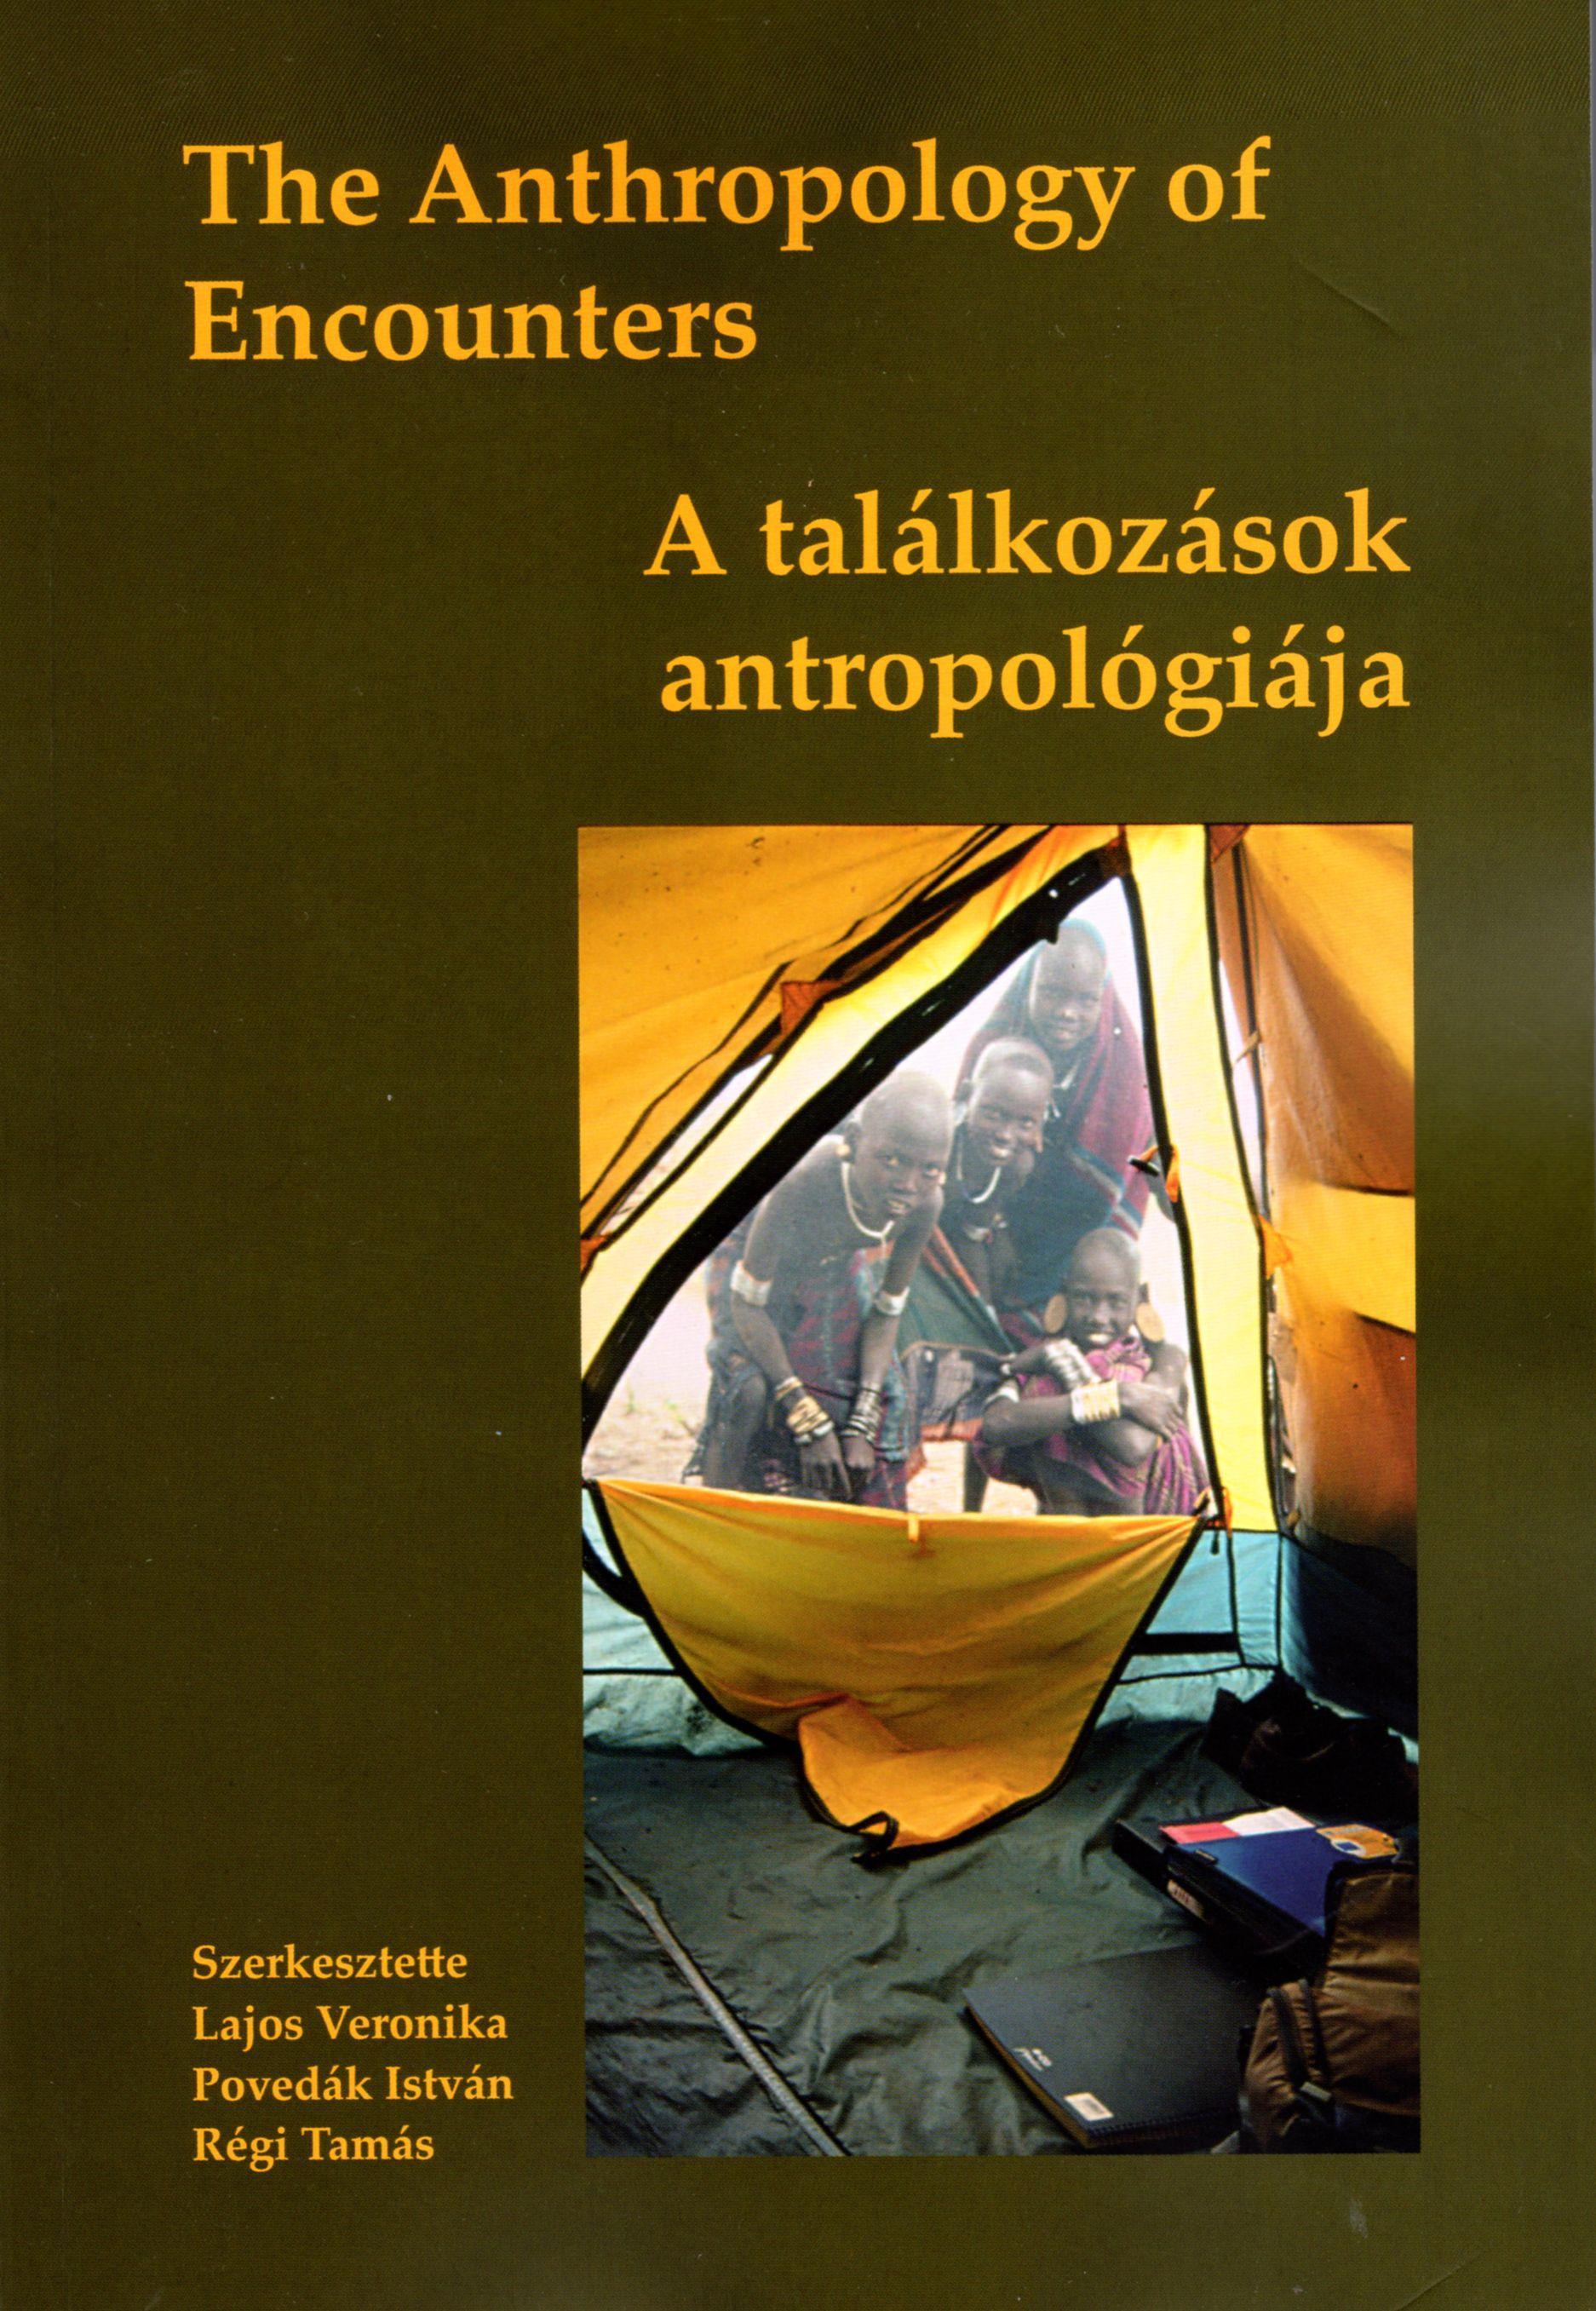 THE ANTHROPOLOGY OF ENCOUNTERS - A TALÁLKOZÁSOK ANTROPOLÓGIÁJA